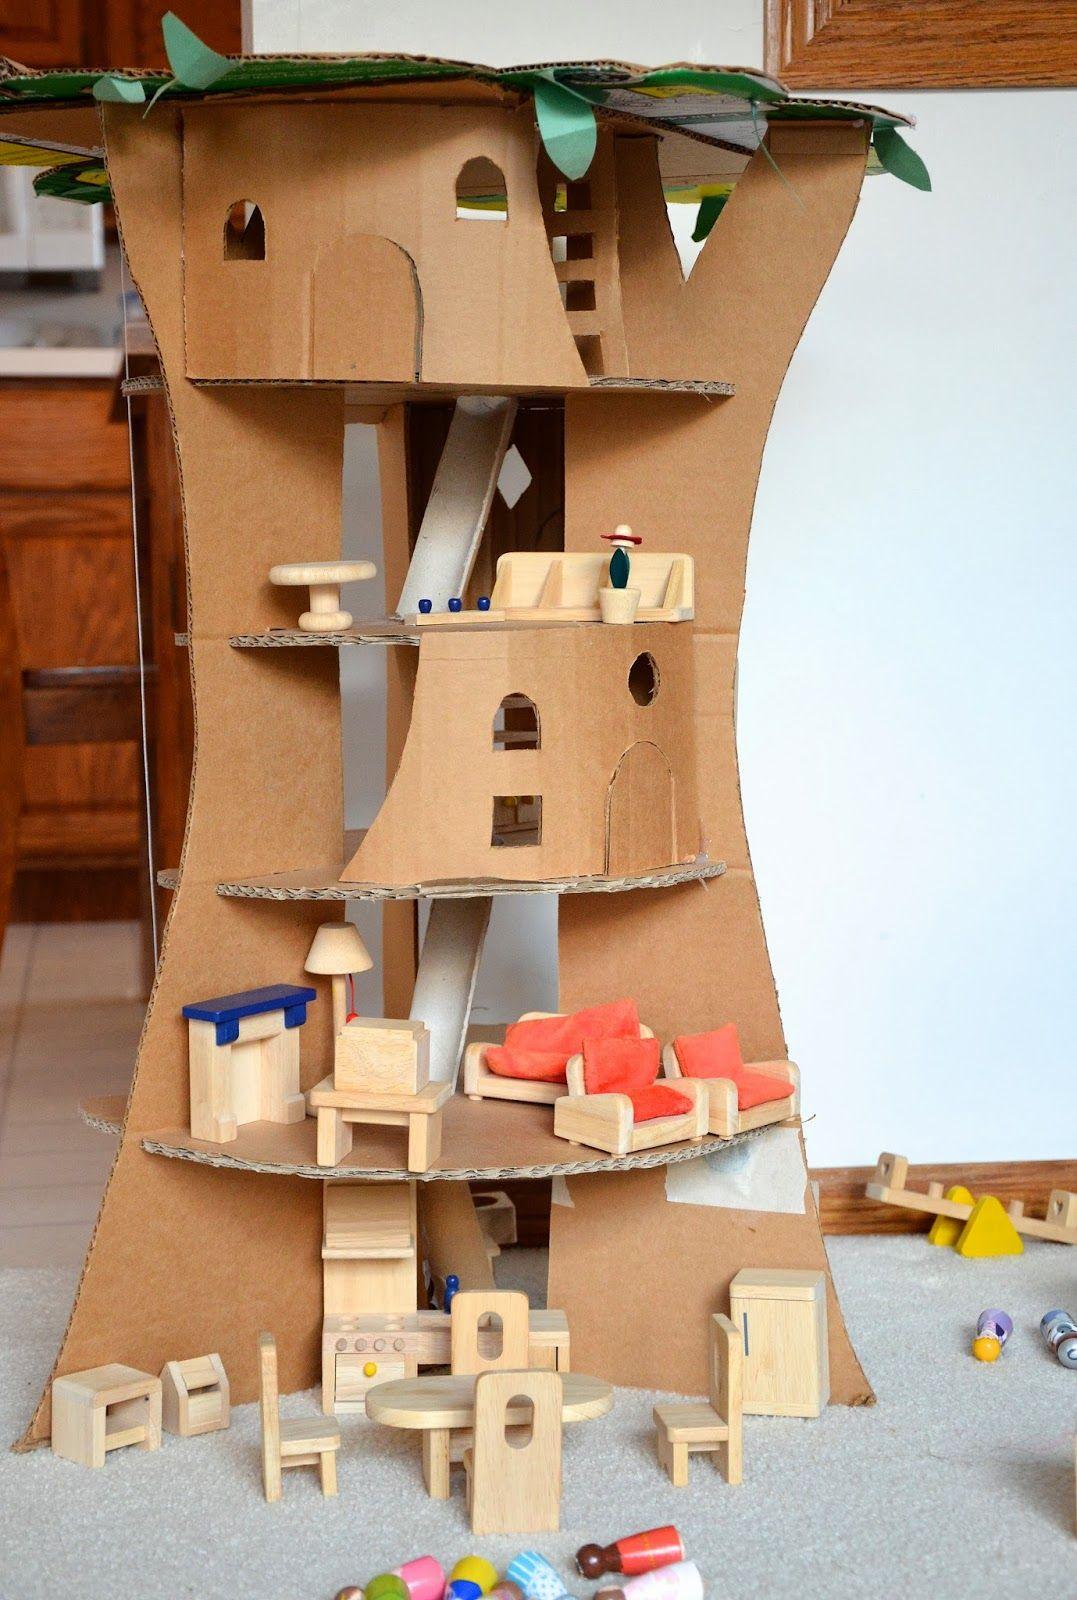 Das Etwas Andere Puppenhaus Aus Pappe Playmobil Ideias